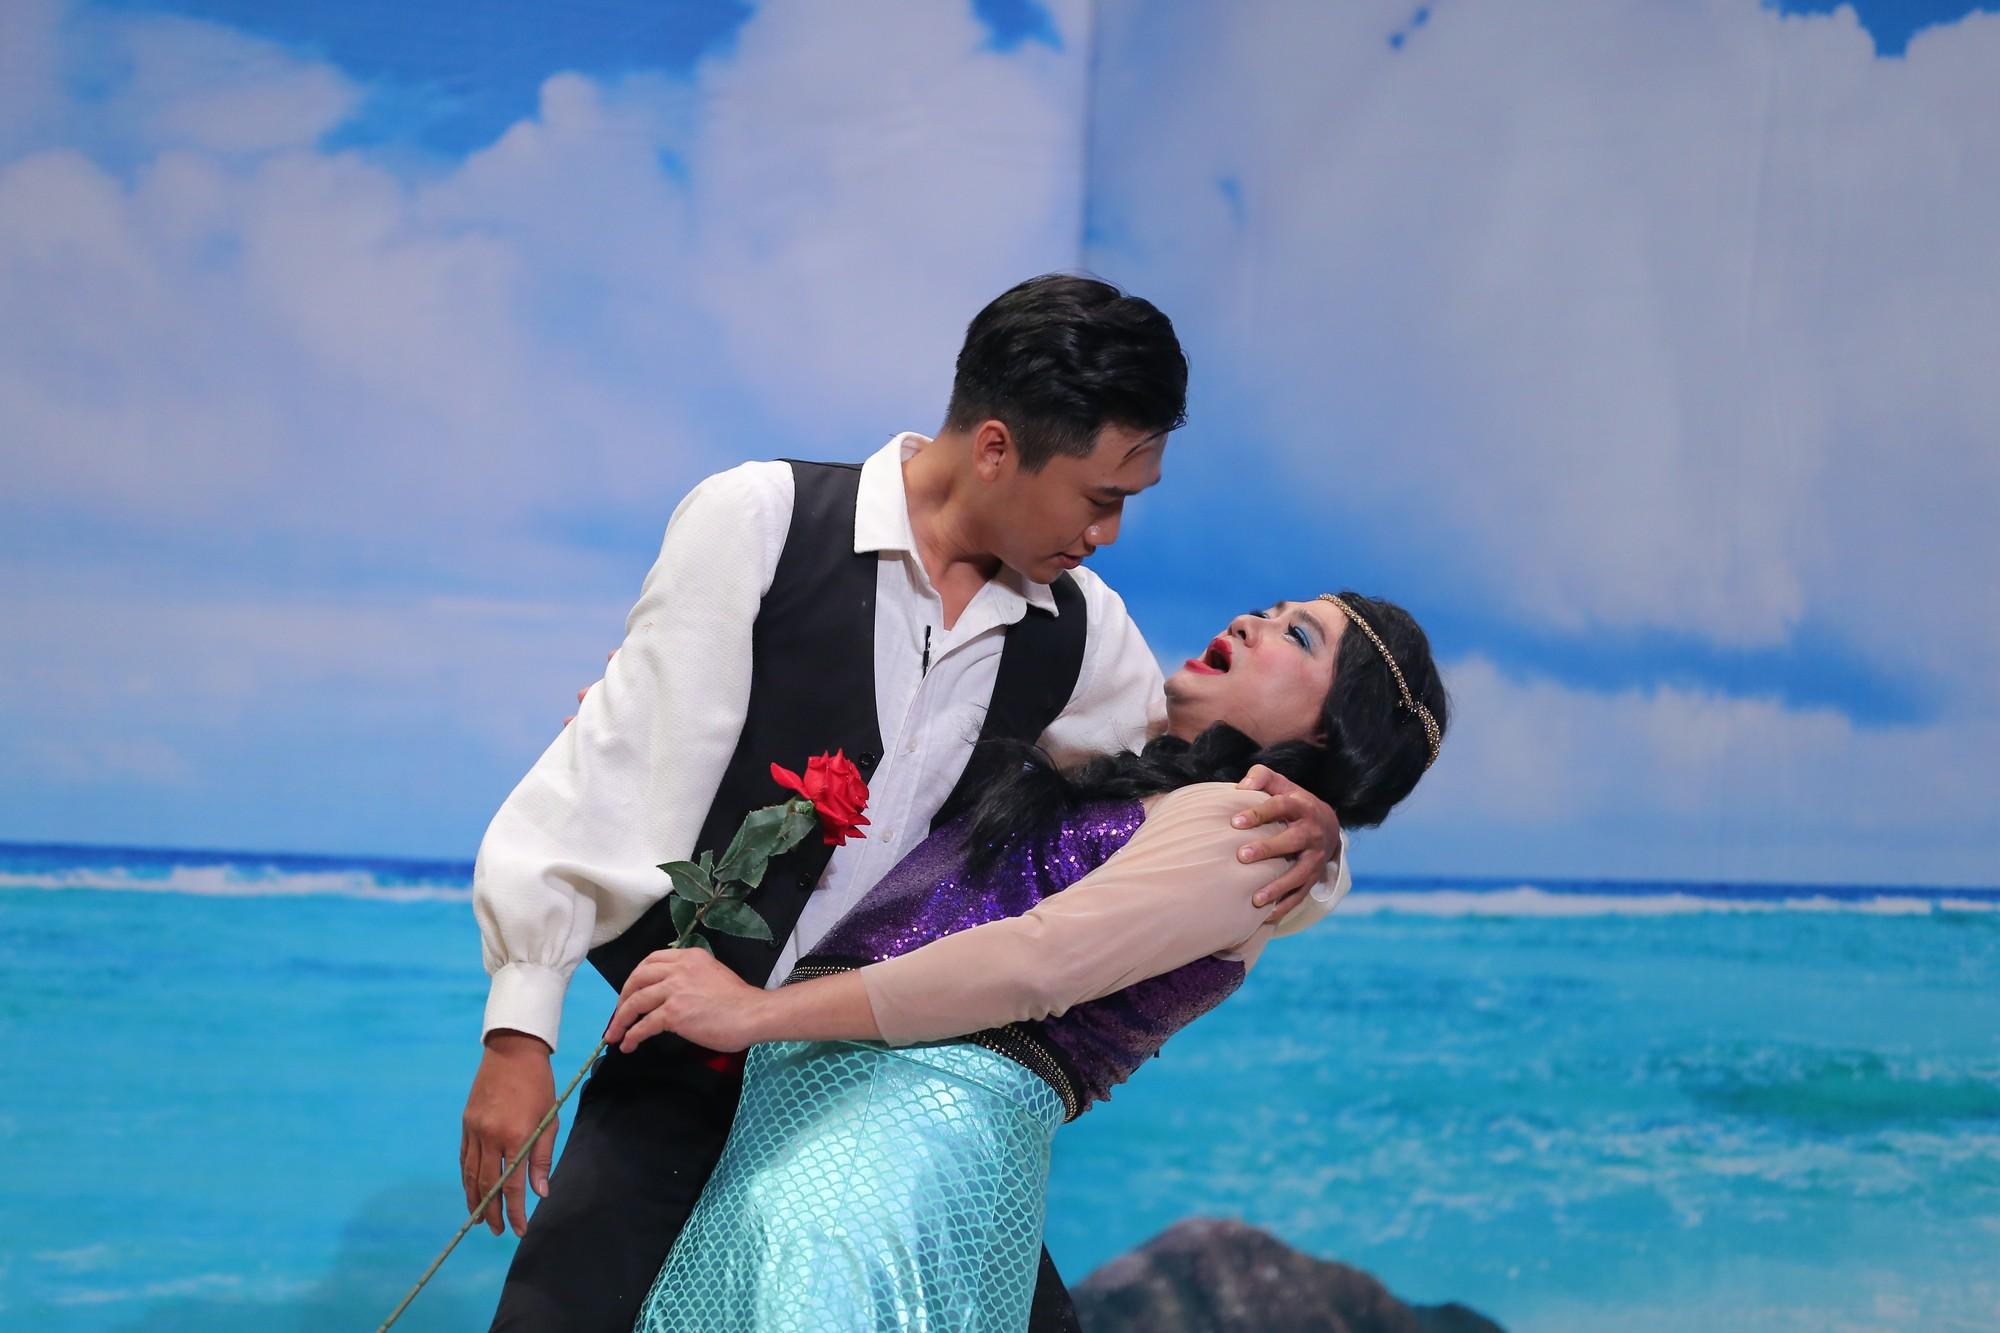 Hoa hậu Biển hồ khoe đôi môi gợi cảm